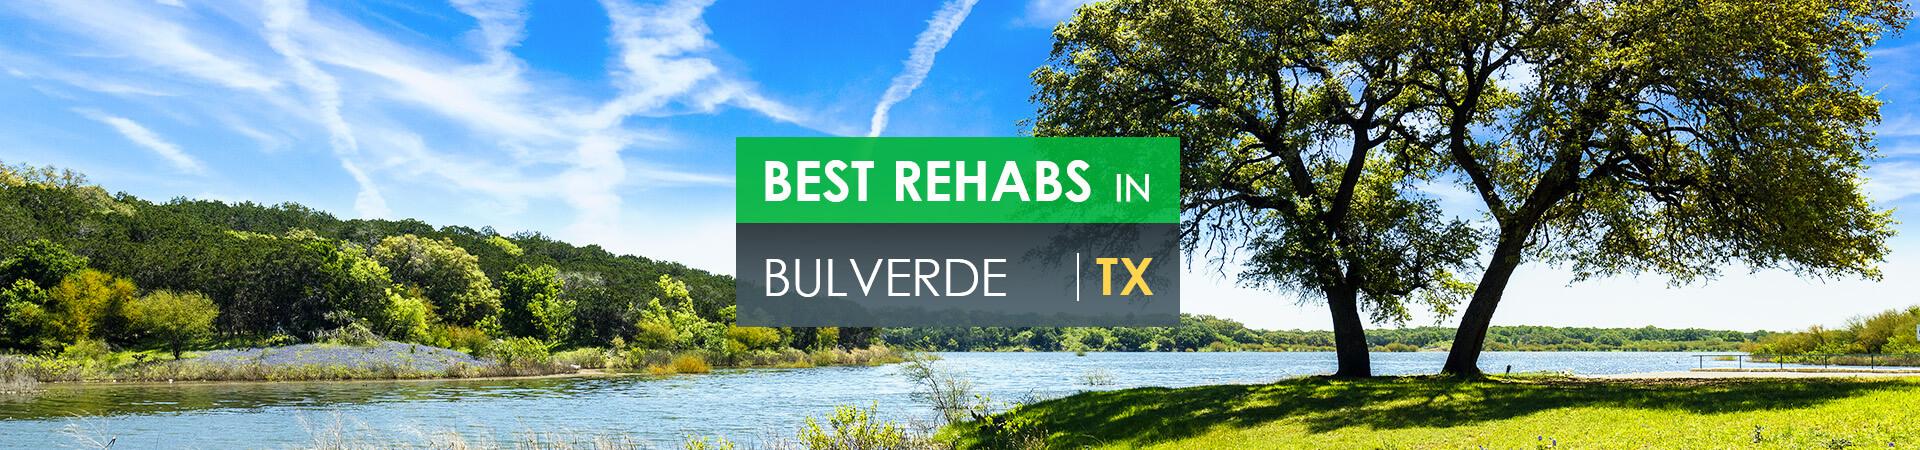 Best rehabs in Bulverde, TX